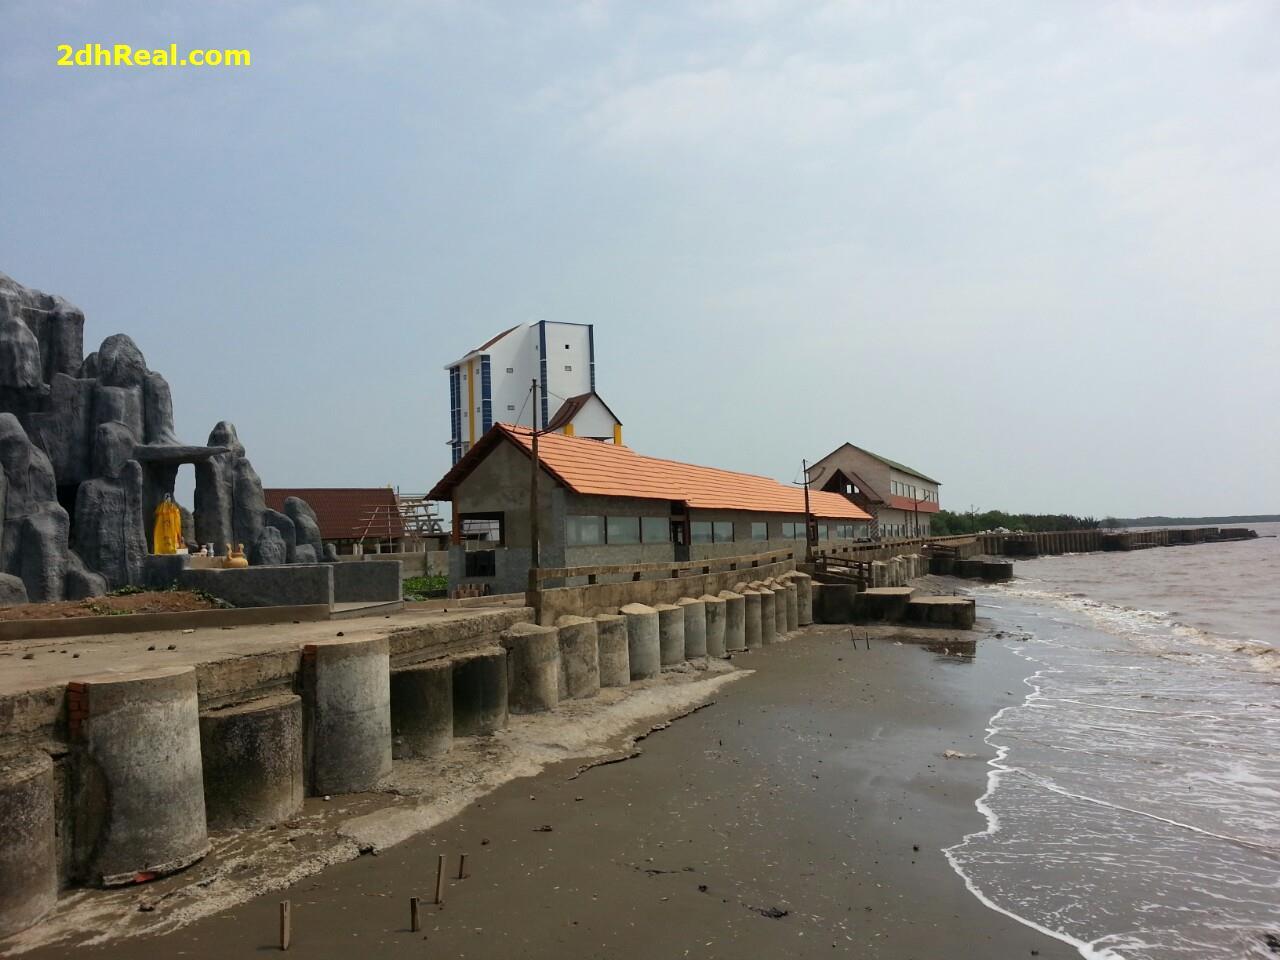 Bán khu du lịch Cồn Cống, xã Phú Tân, huyện Tân Phú Đông - Tiền Giang